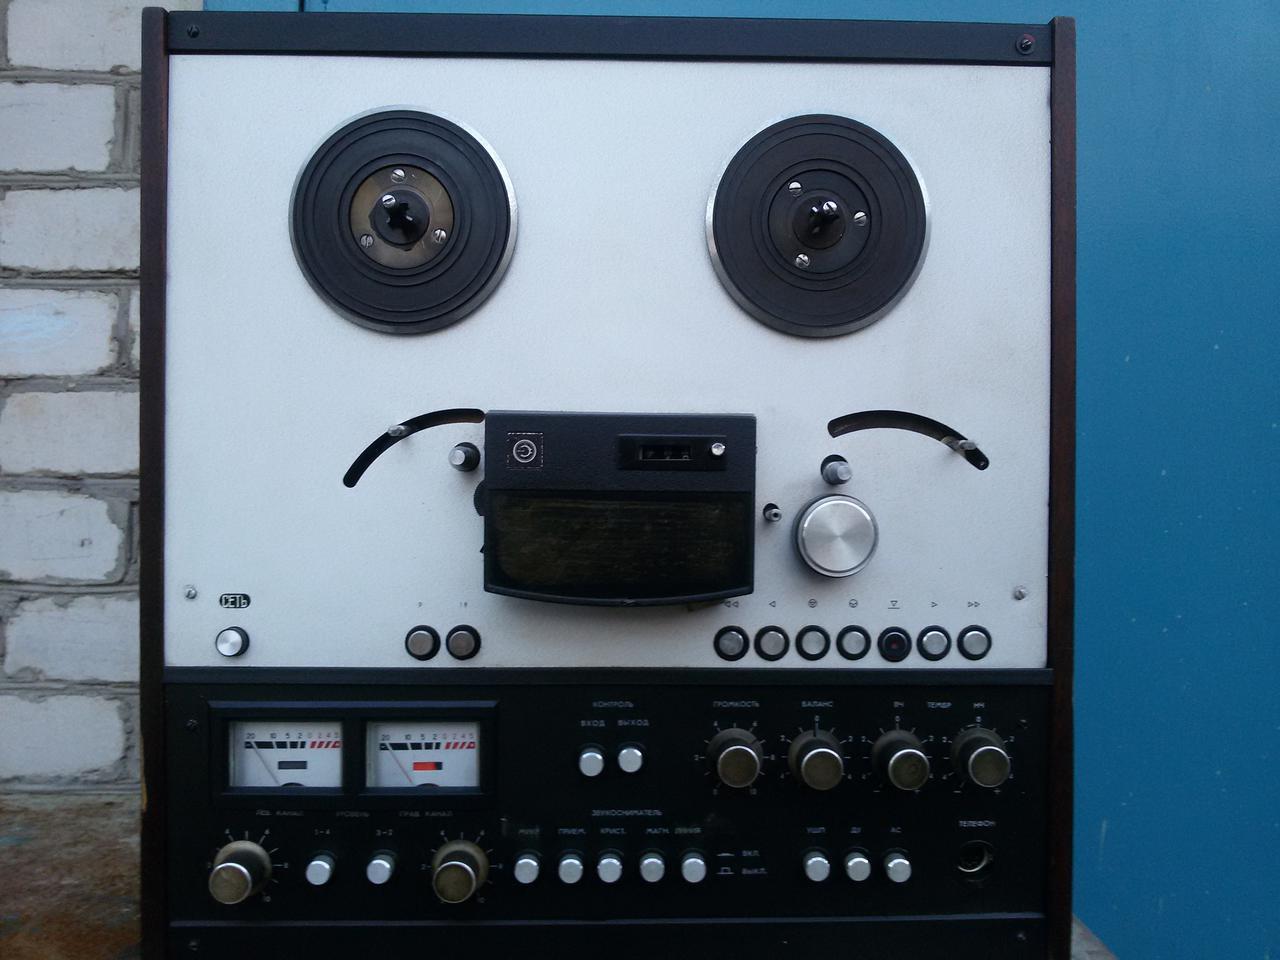 Форум любителей катушечных магнитофонов, аналоговой видео и аудио аппаратуры